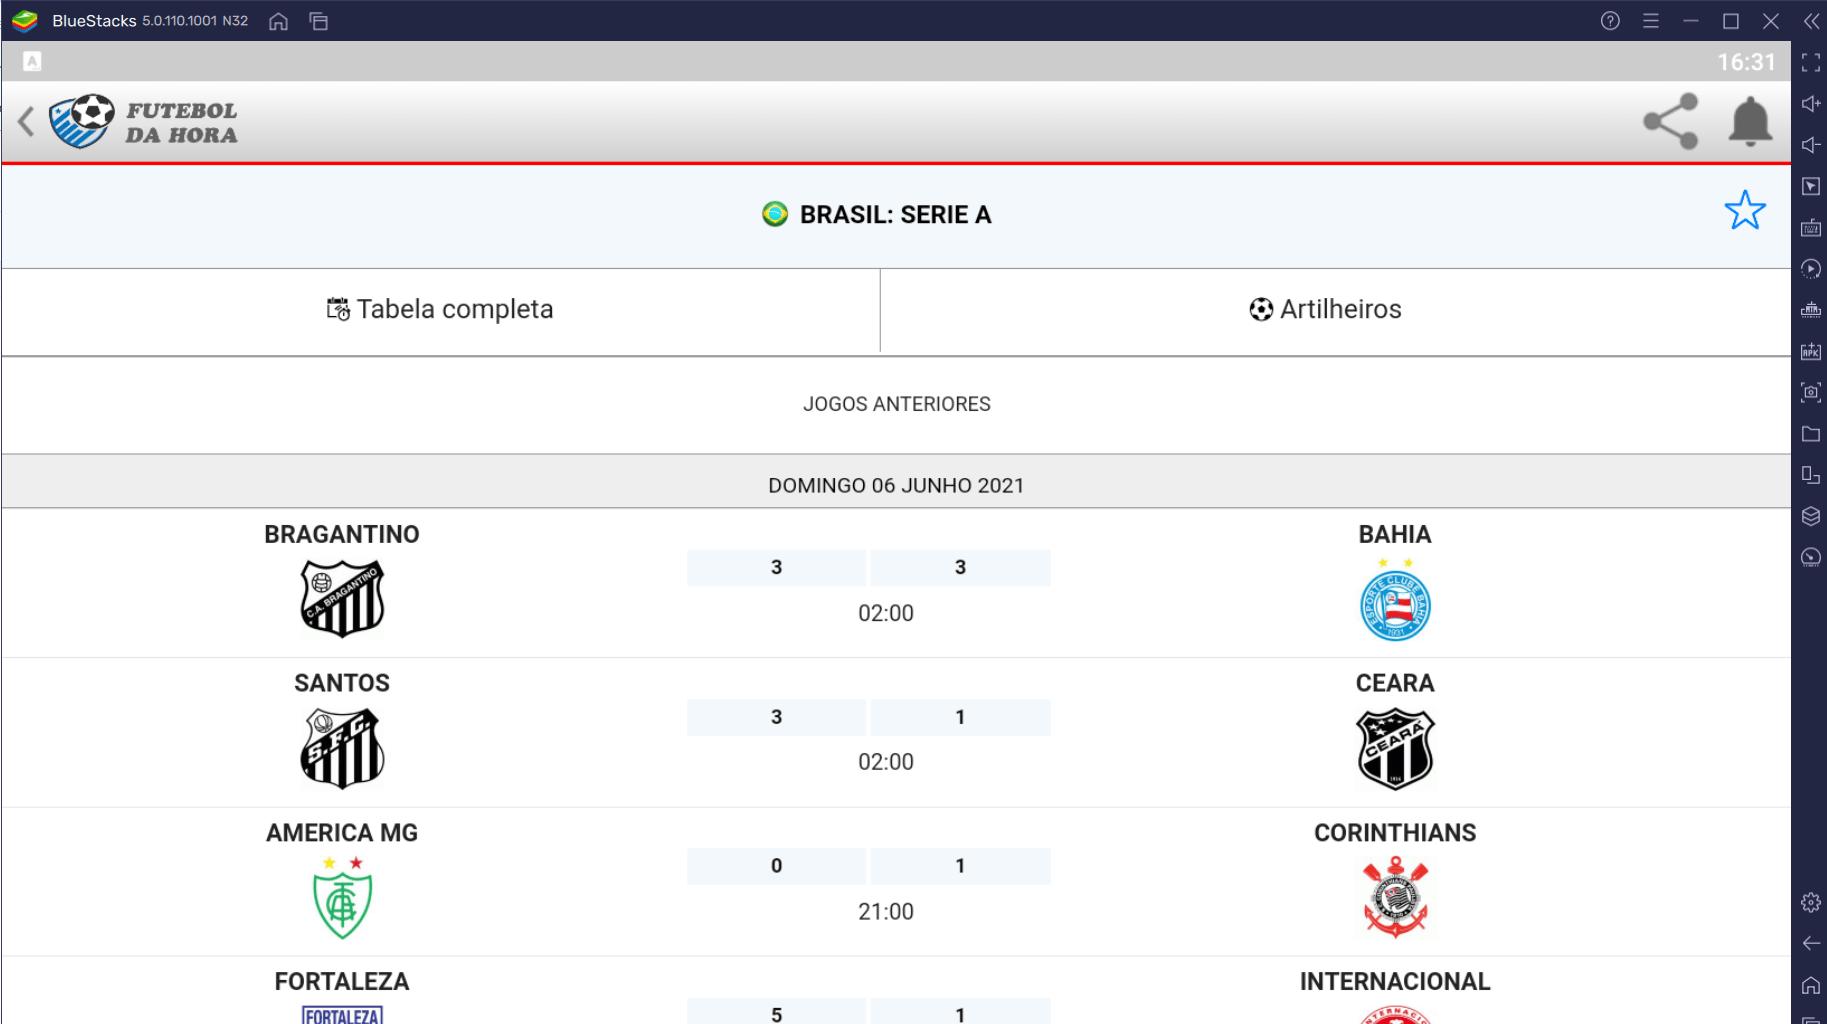 Como Usar o App Futebol da Hora no PC com BlueStacks